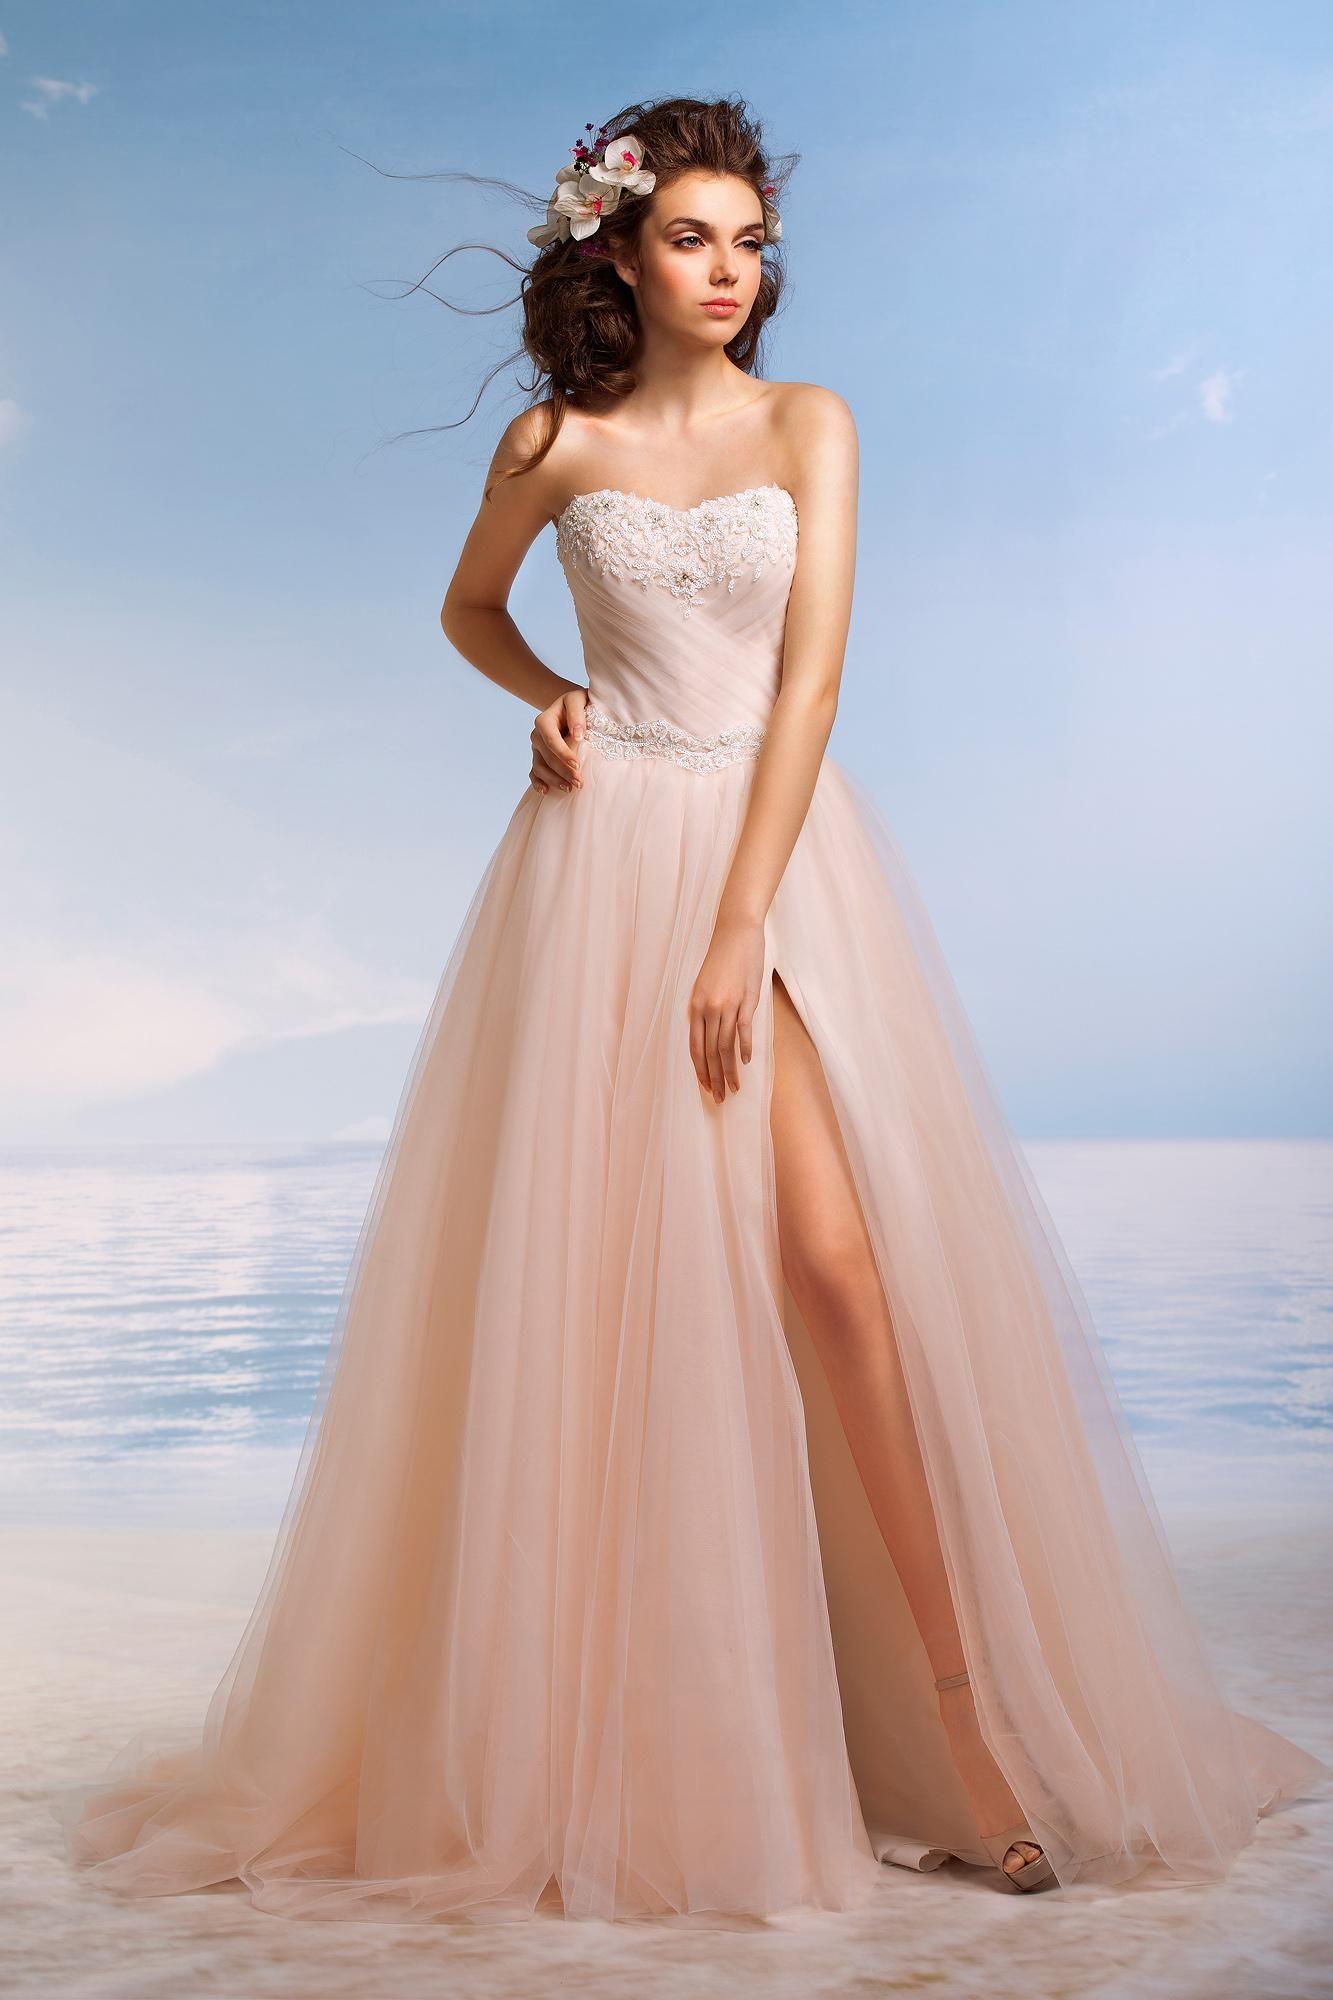 Imagem de Beach Wedding Fashions and Dress Ideas por